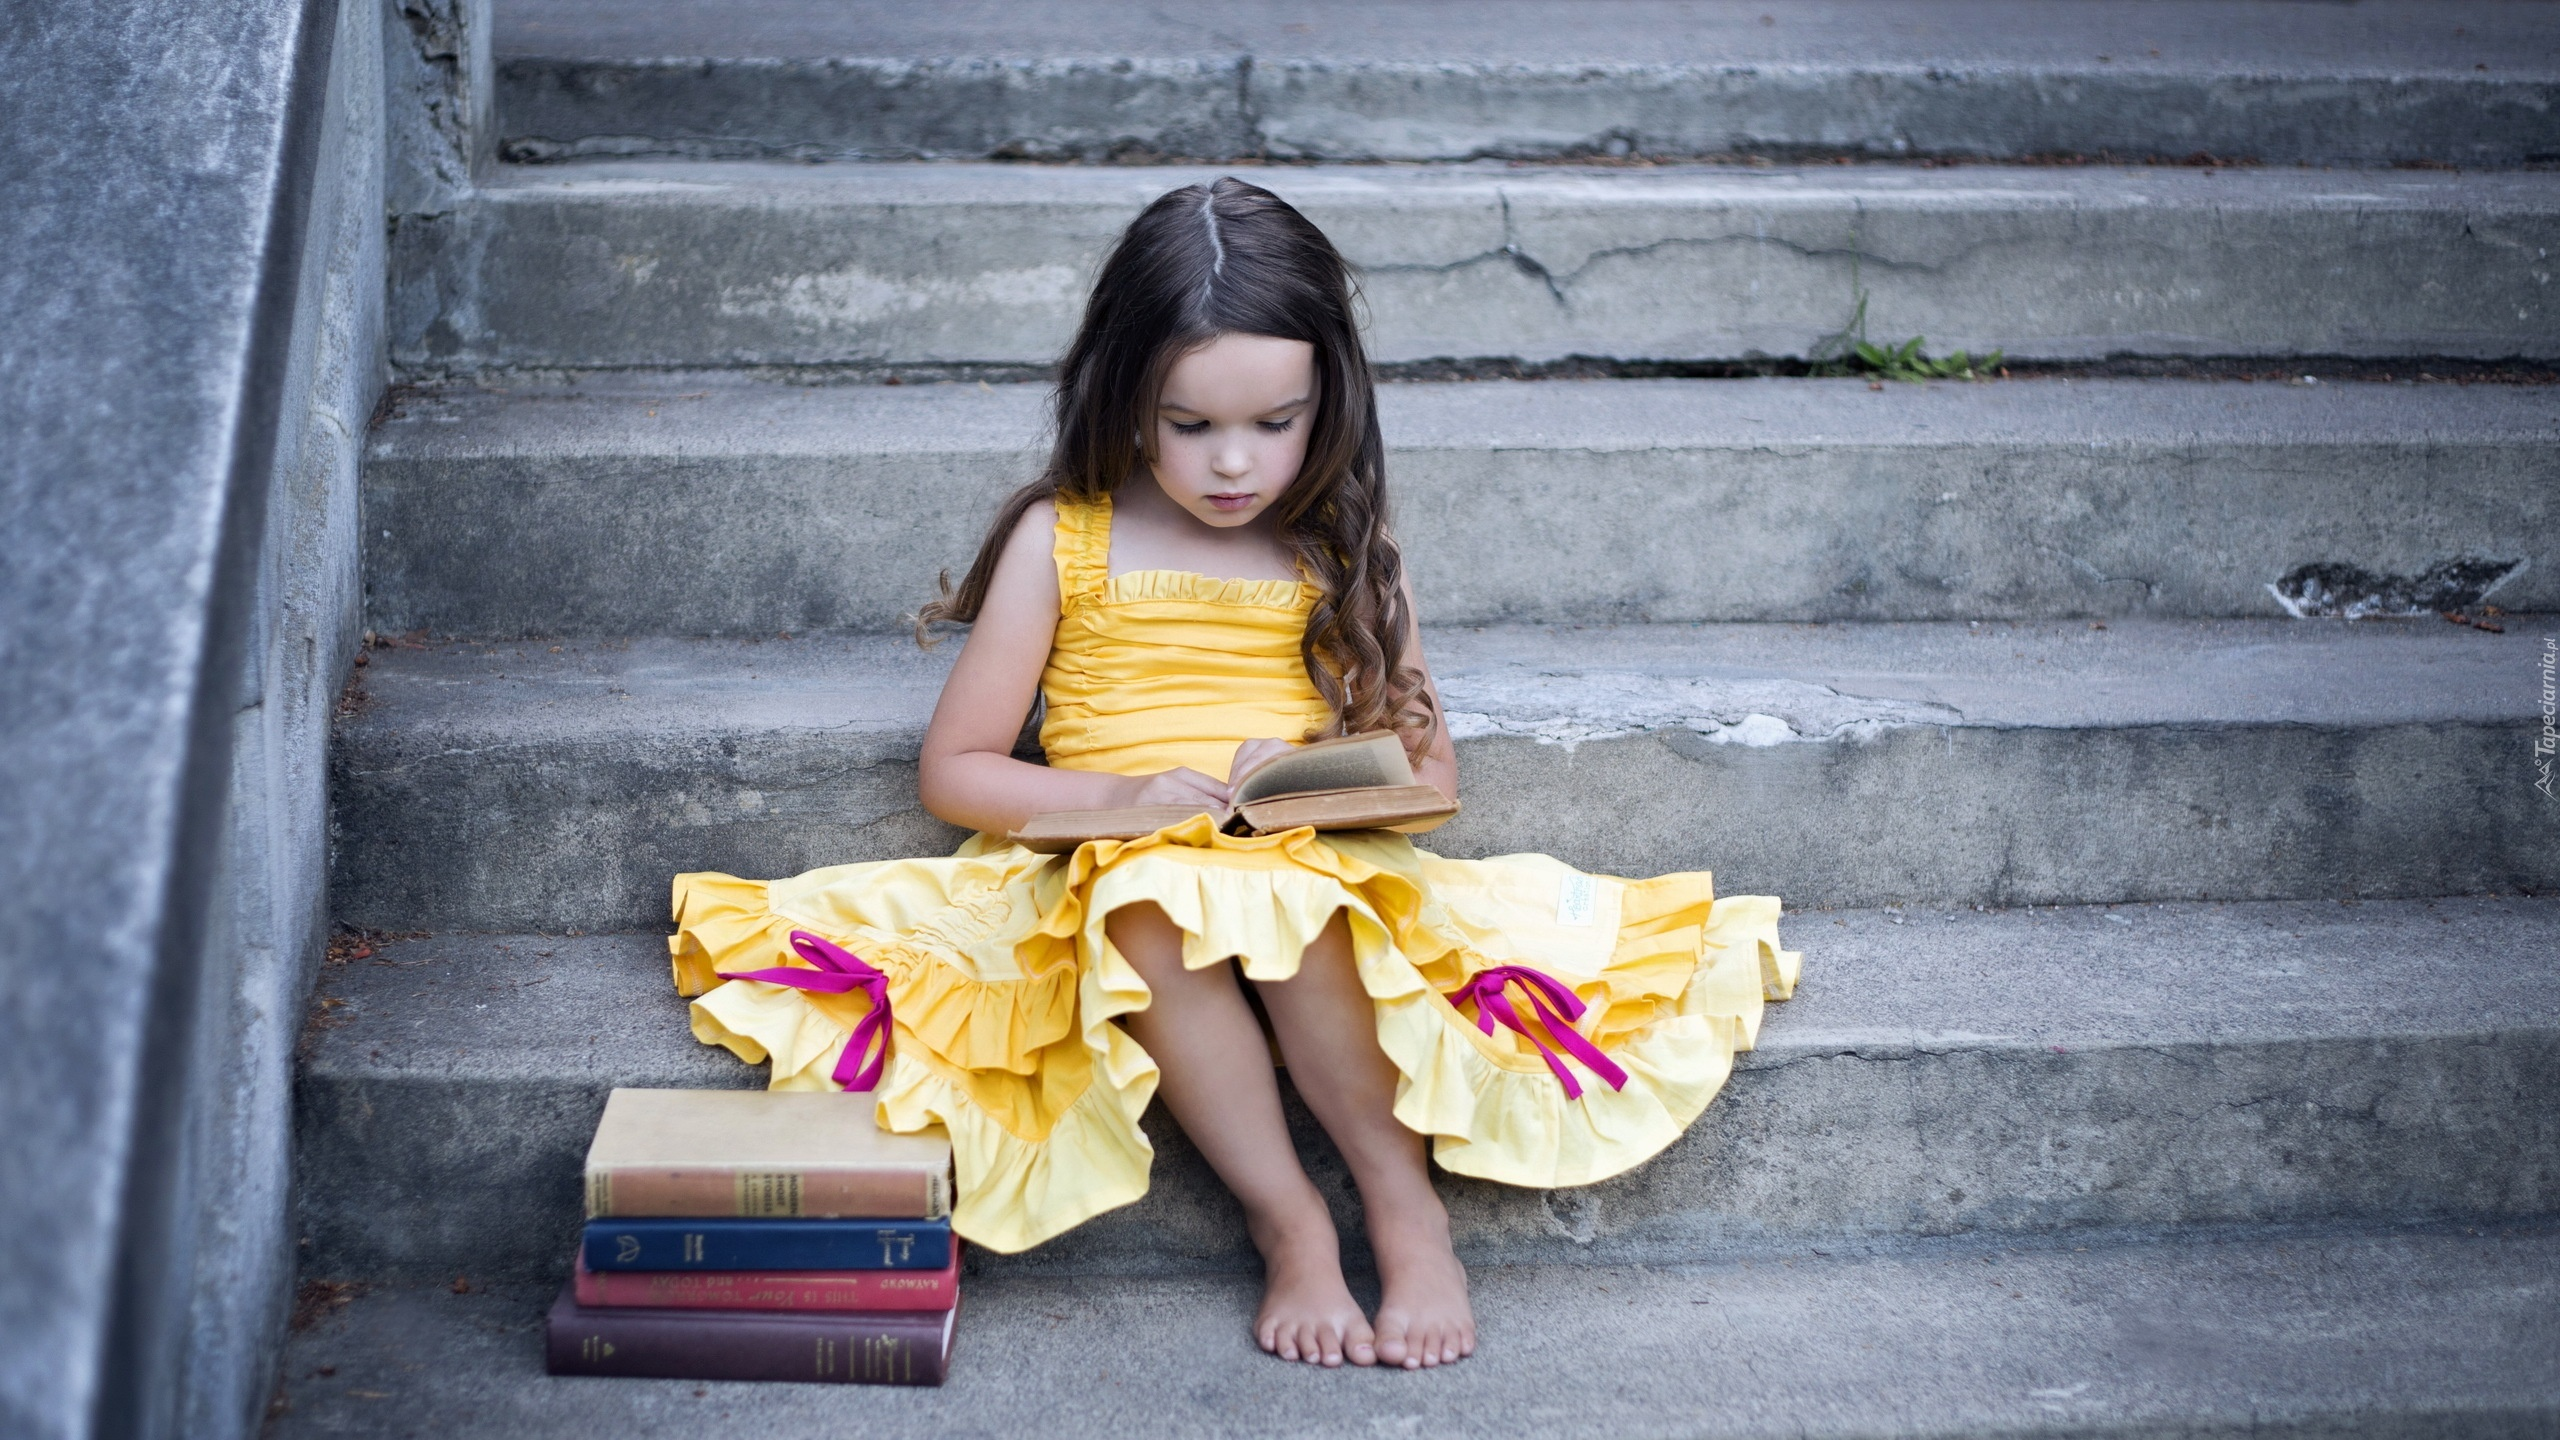 девочка платье свет лестница без смс